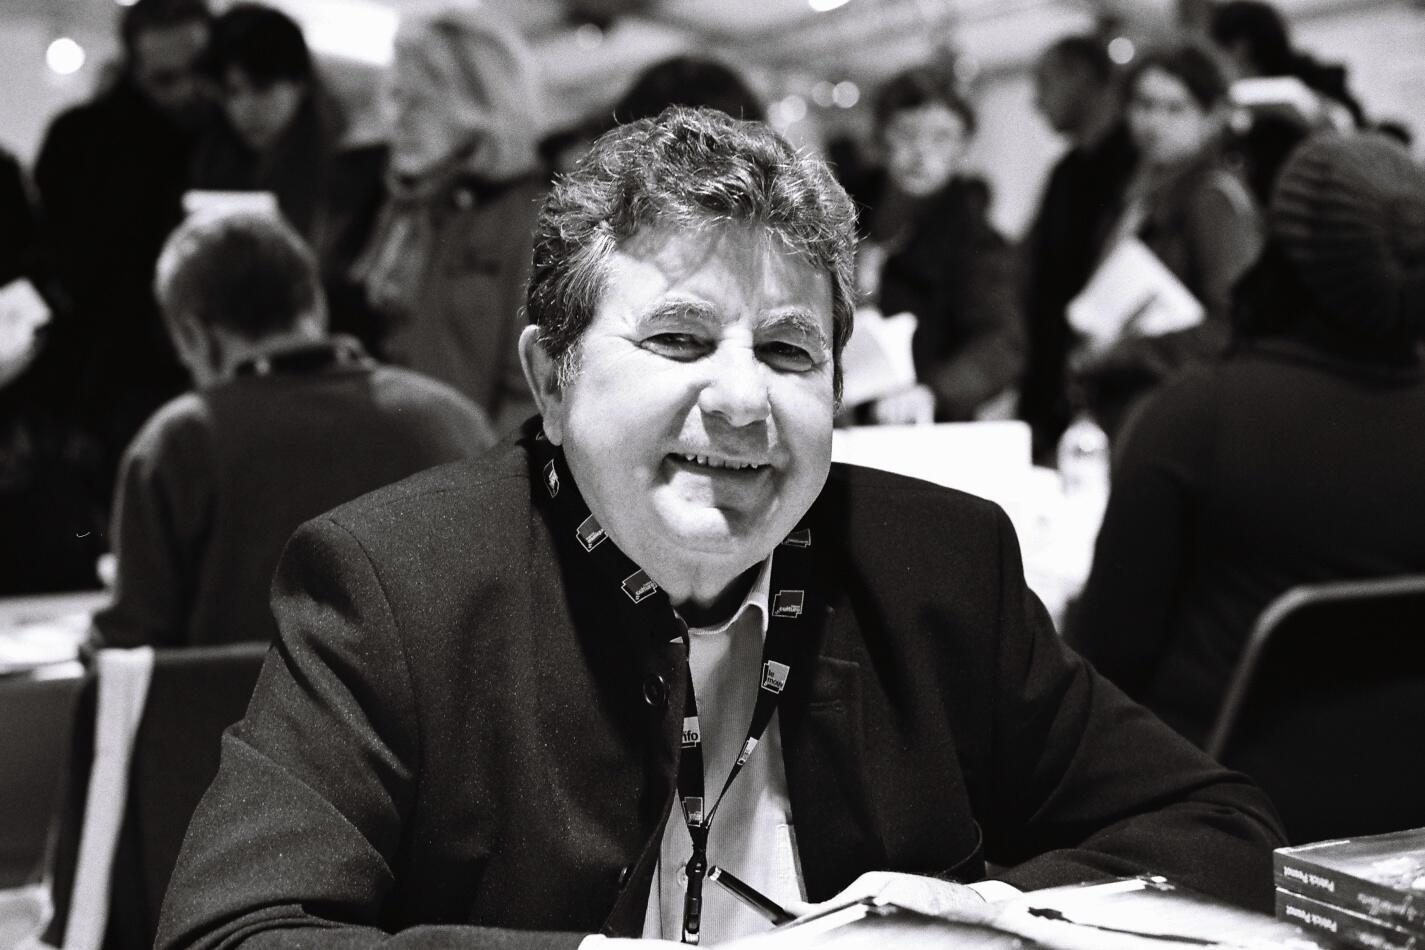 Patrick Pesnot au Salon du livre de Radio France, le 26 novembre 2011.